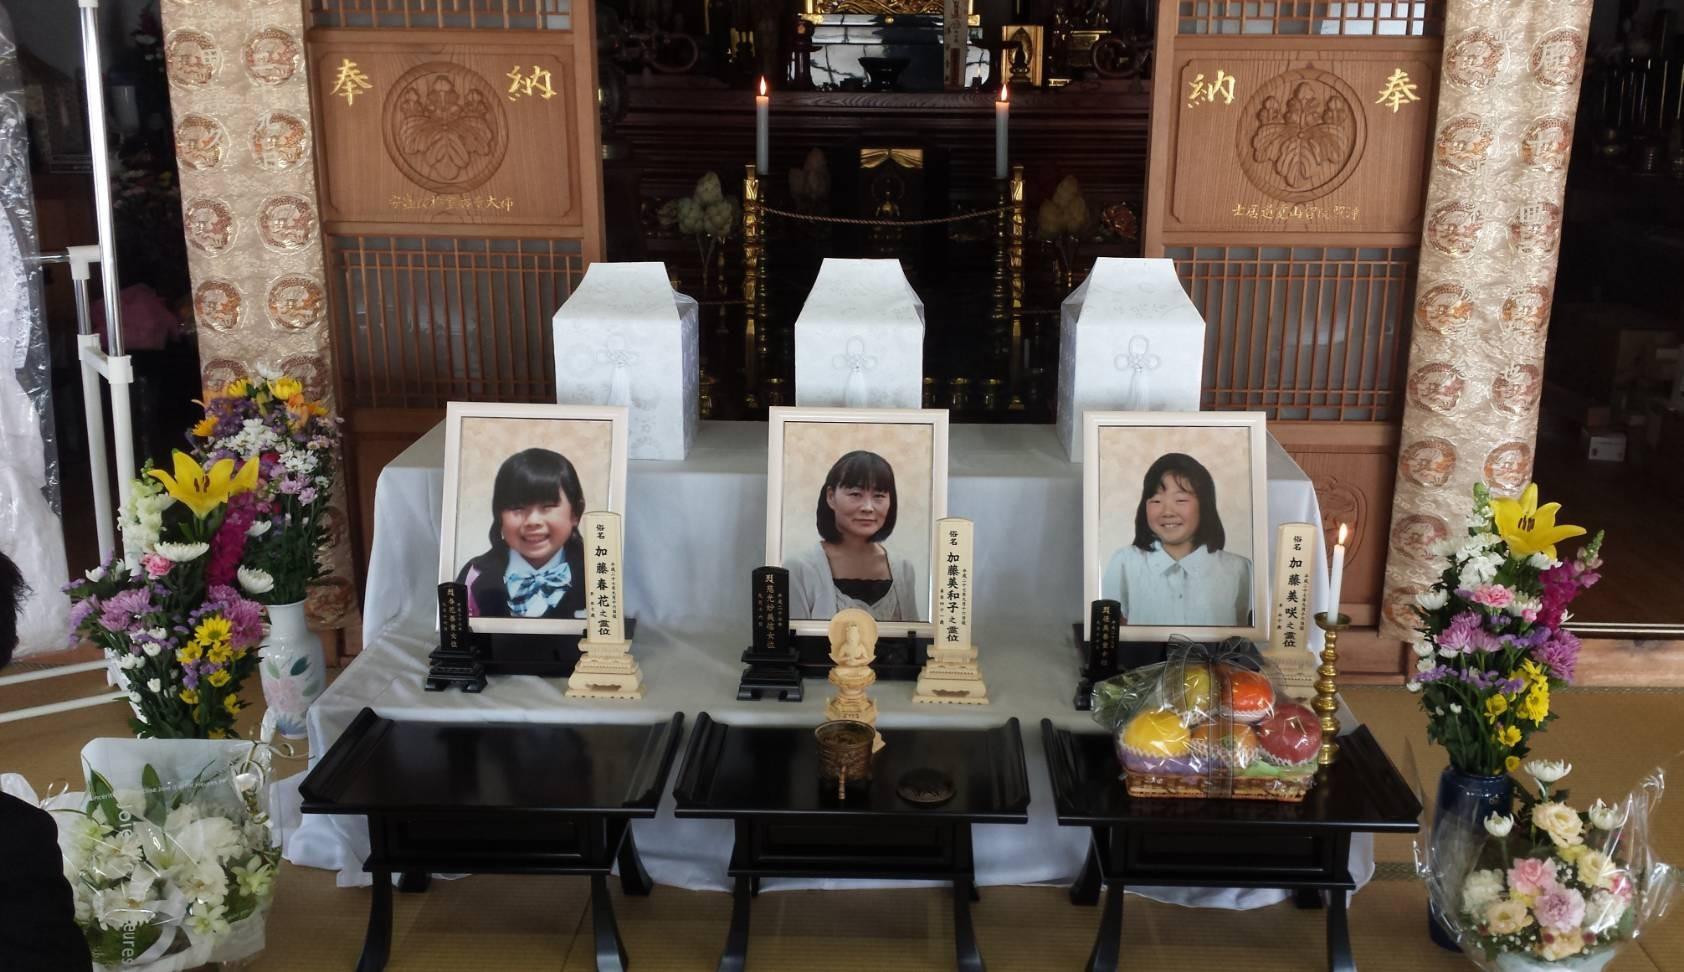 【社会】熊谷事件で妻子を殺害された遺族男性「娘への許されない行為」をテレビ証言へ。死刑の可能性がなくなったことを受け